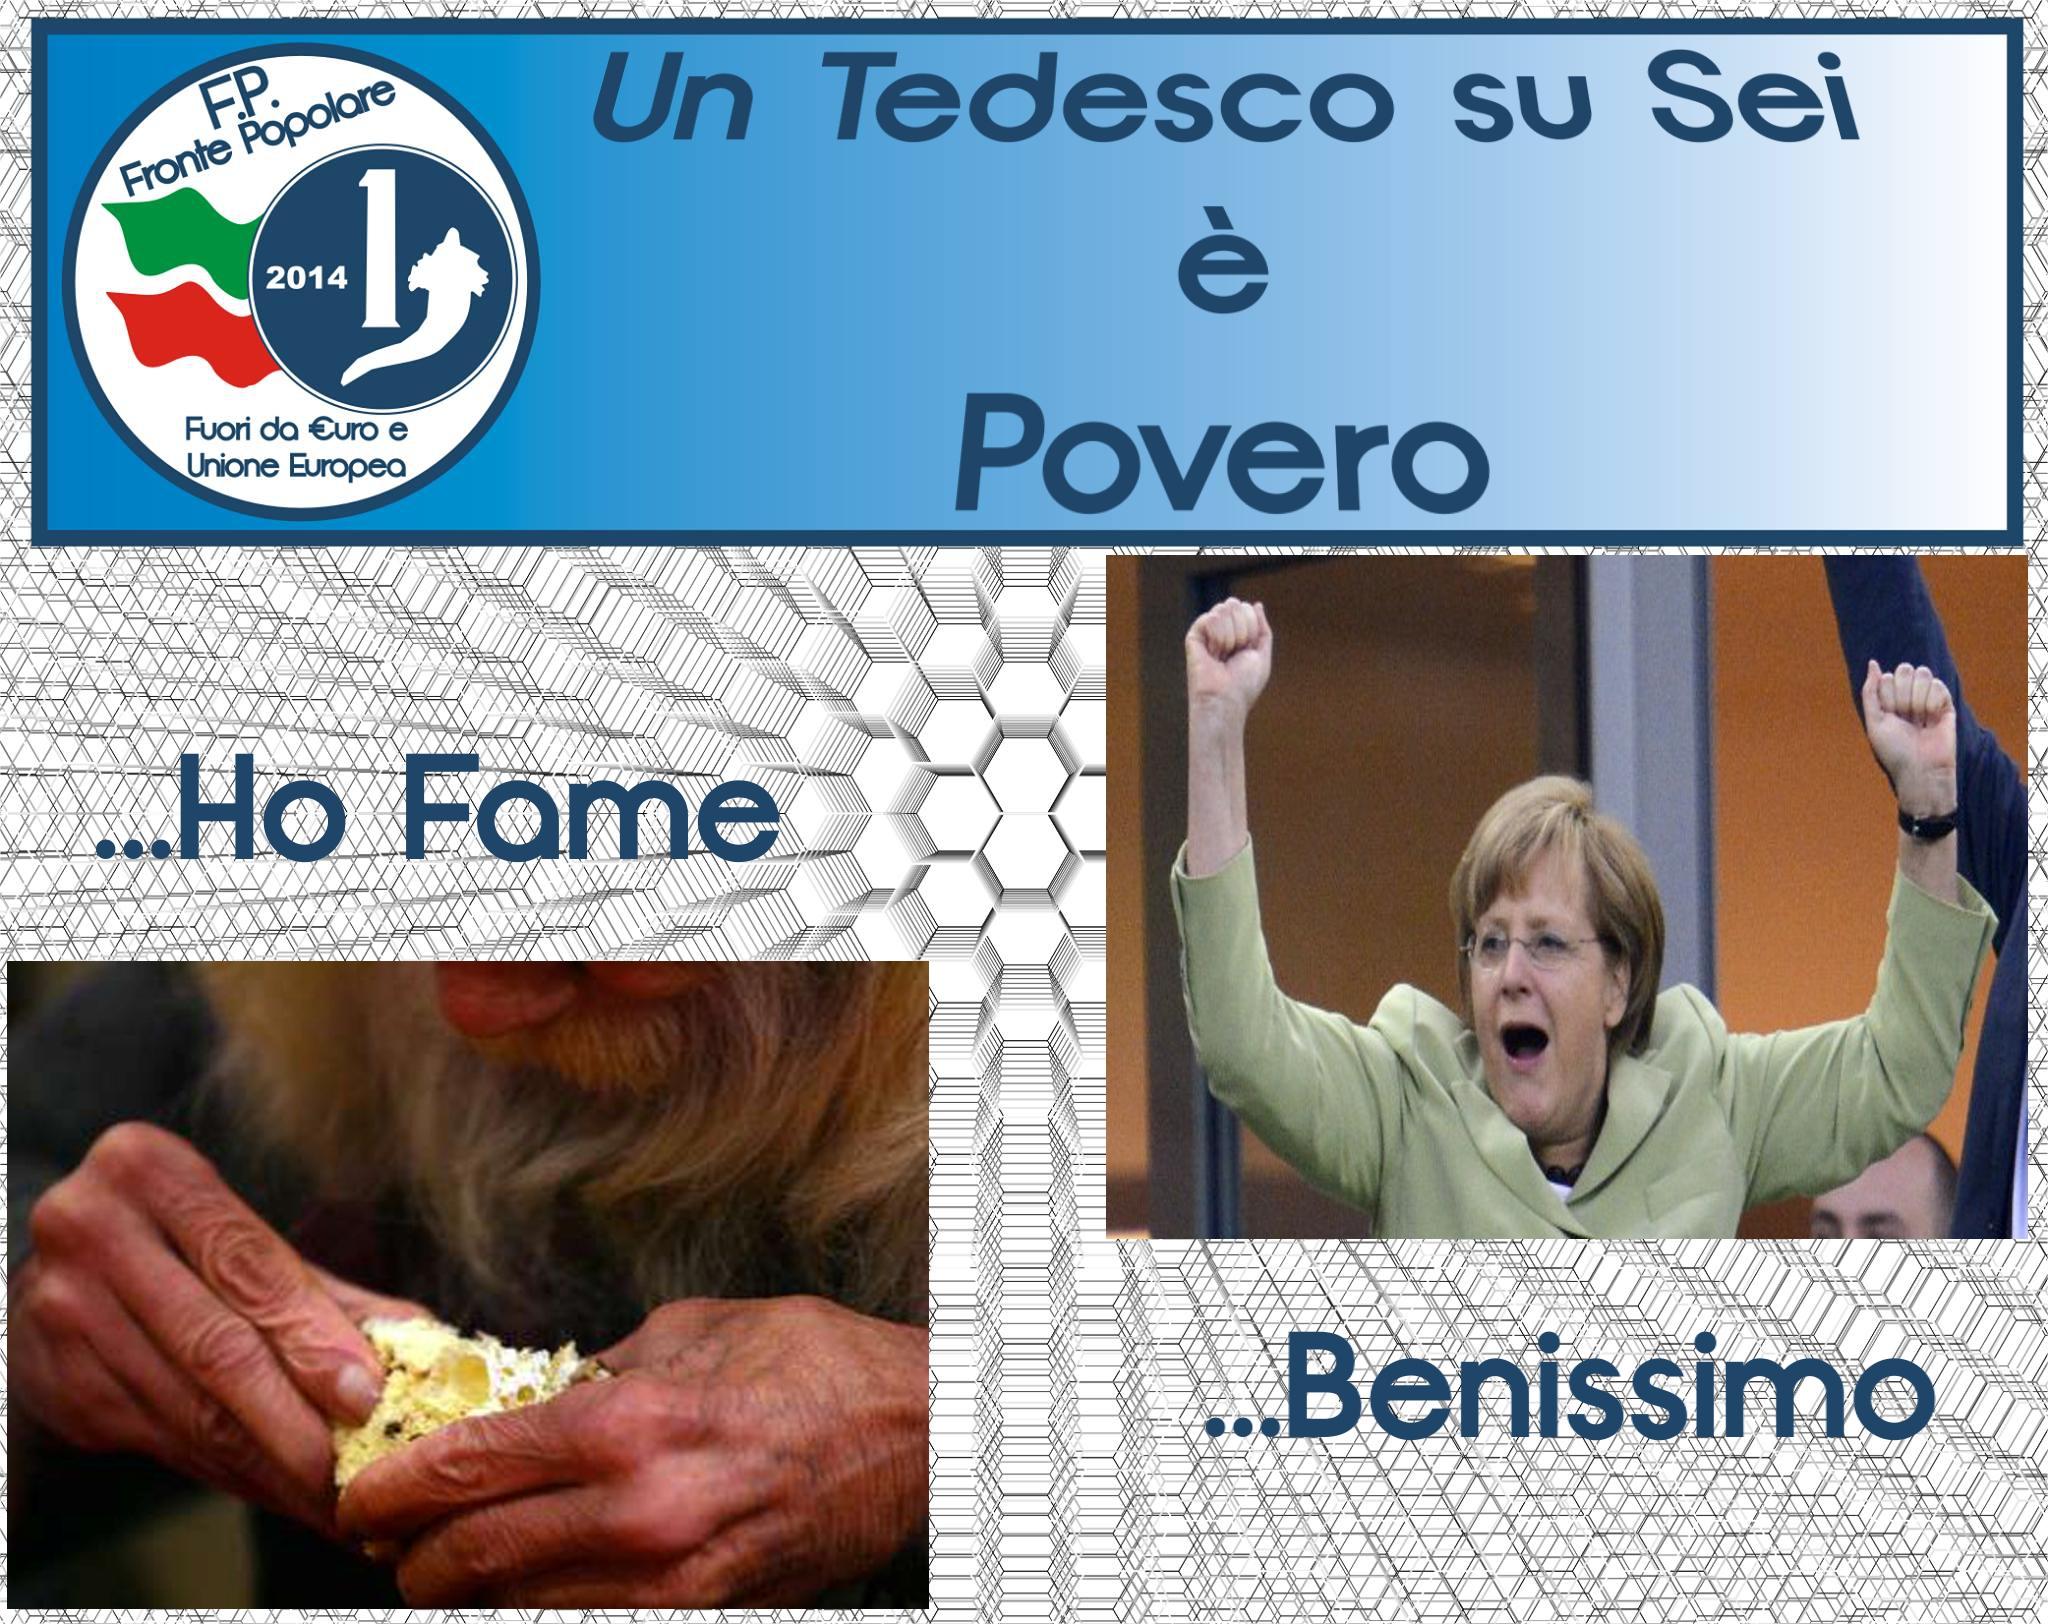 povertà in germania_fronte popolare